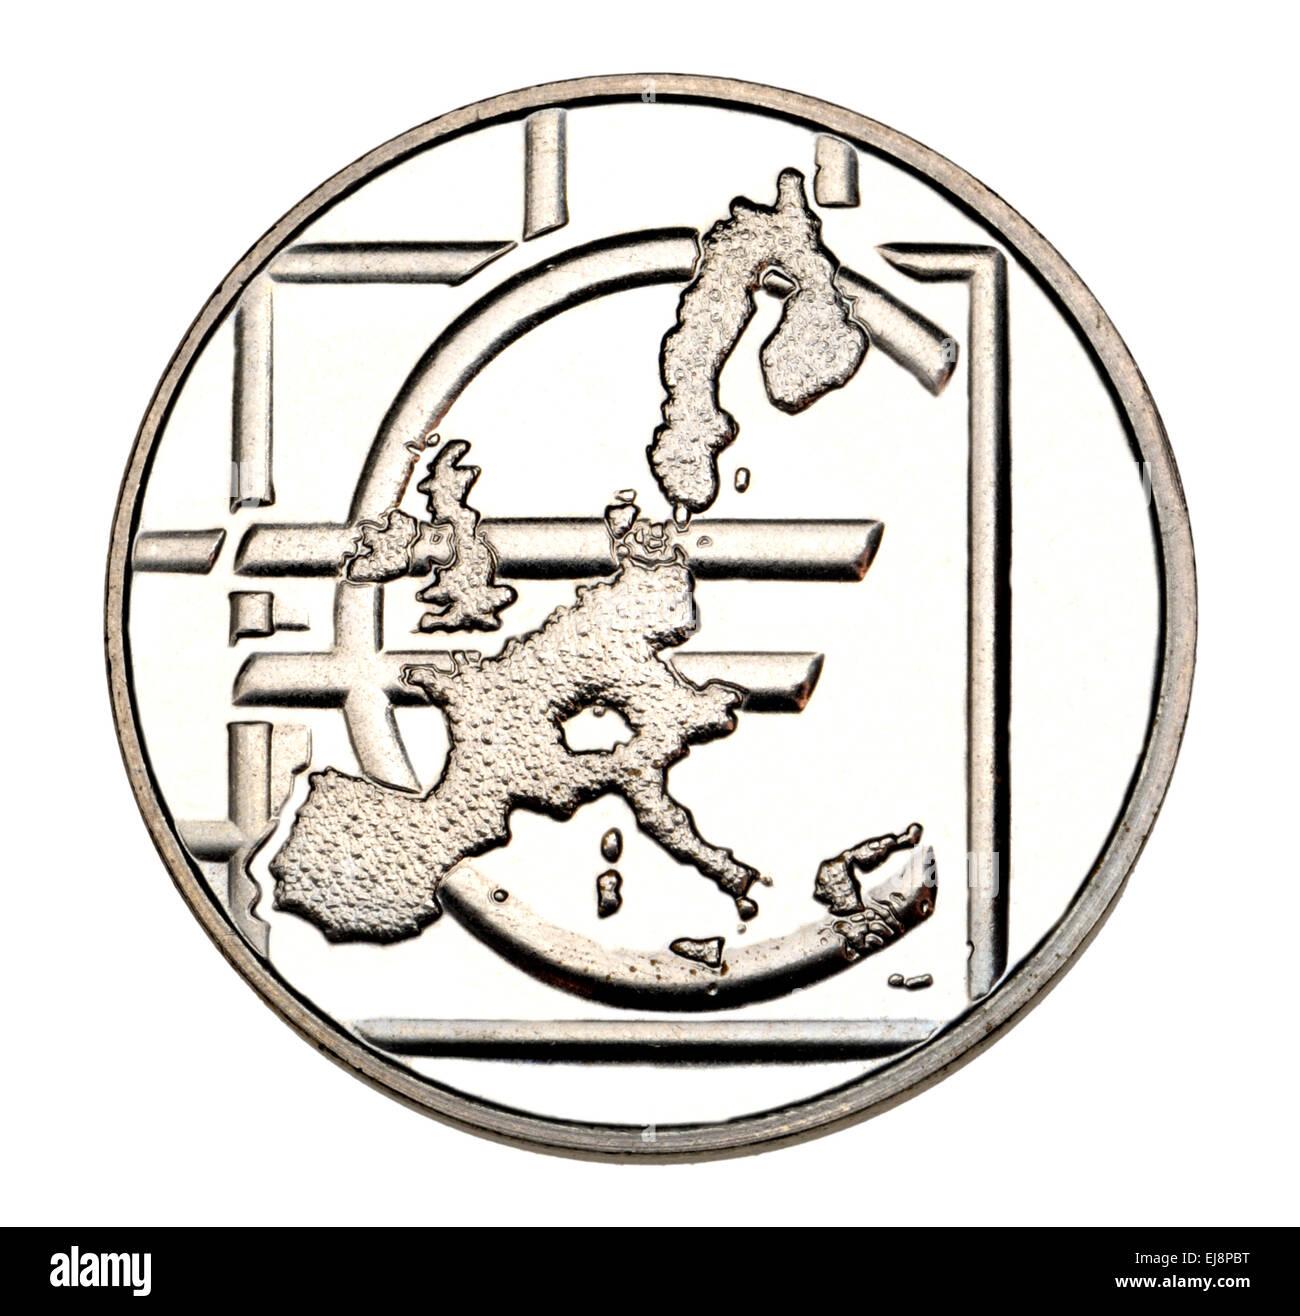 Münze In Einem Satz Der Münze Euro Münzen Enthalten übersicht